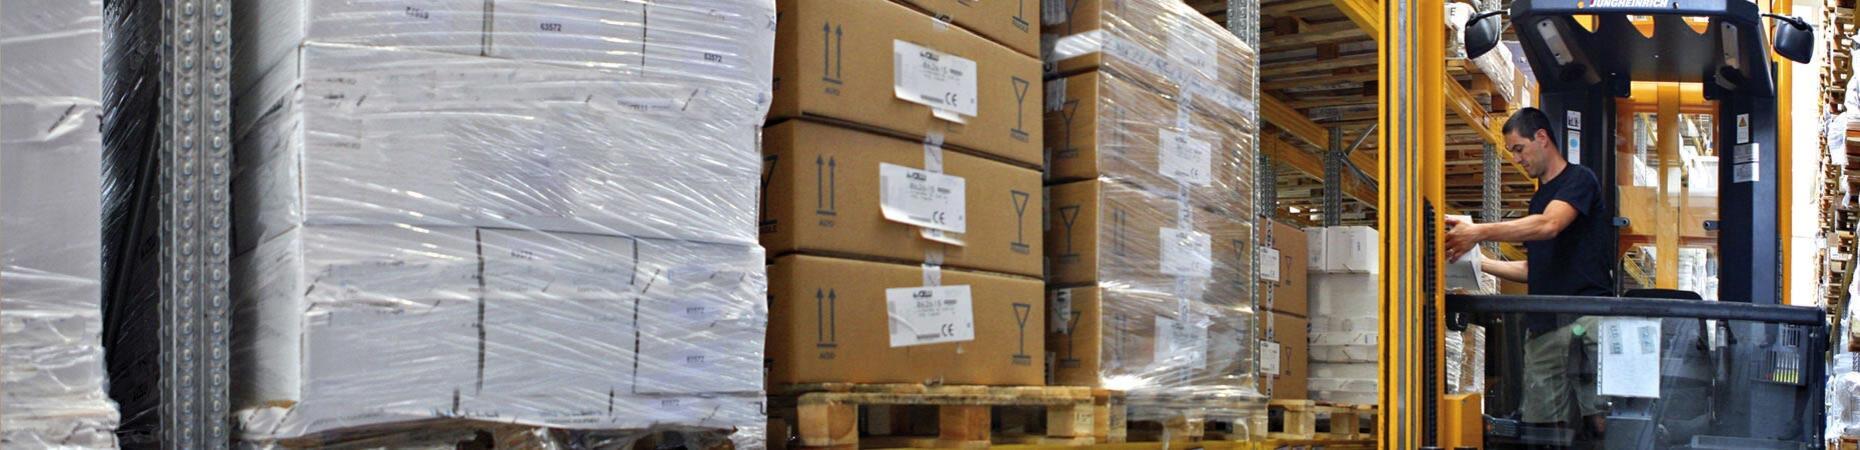 ecoservice-reggioemilia it servizi-logistica-magazzino-reggio-emilia 005